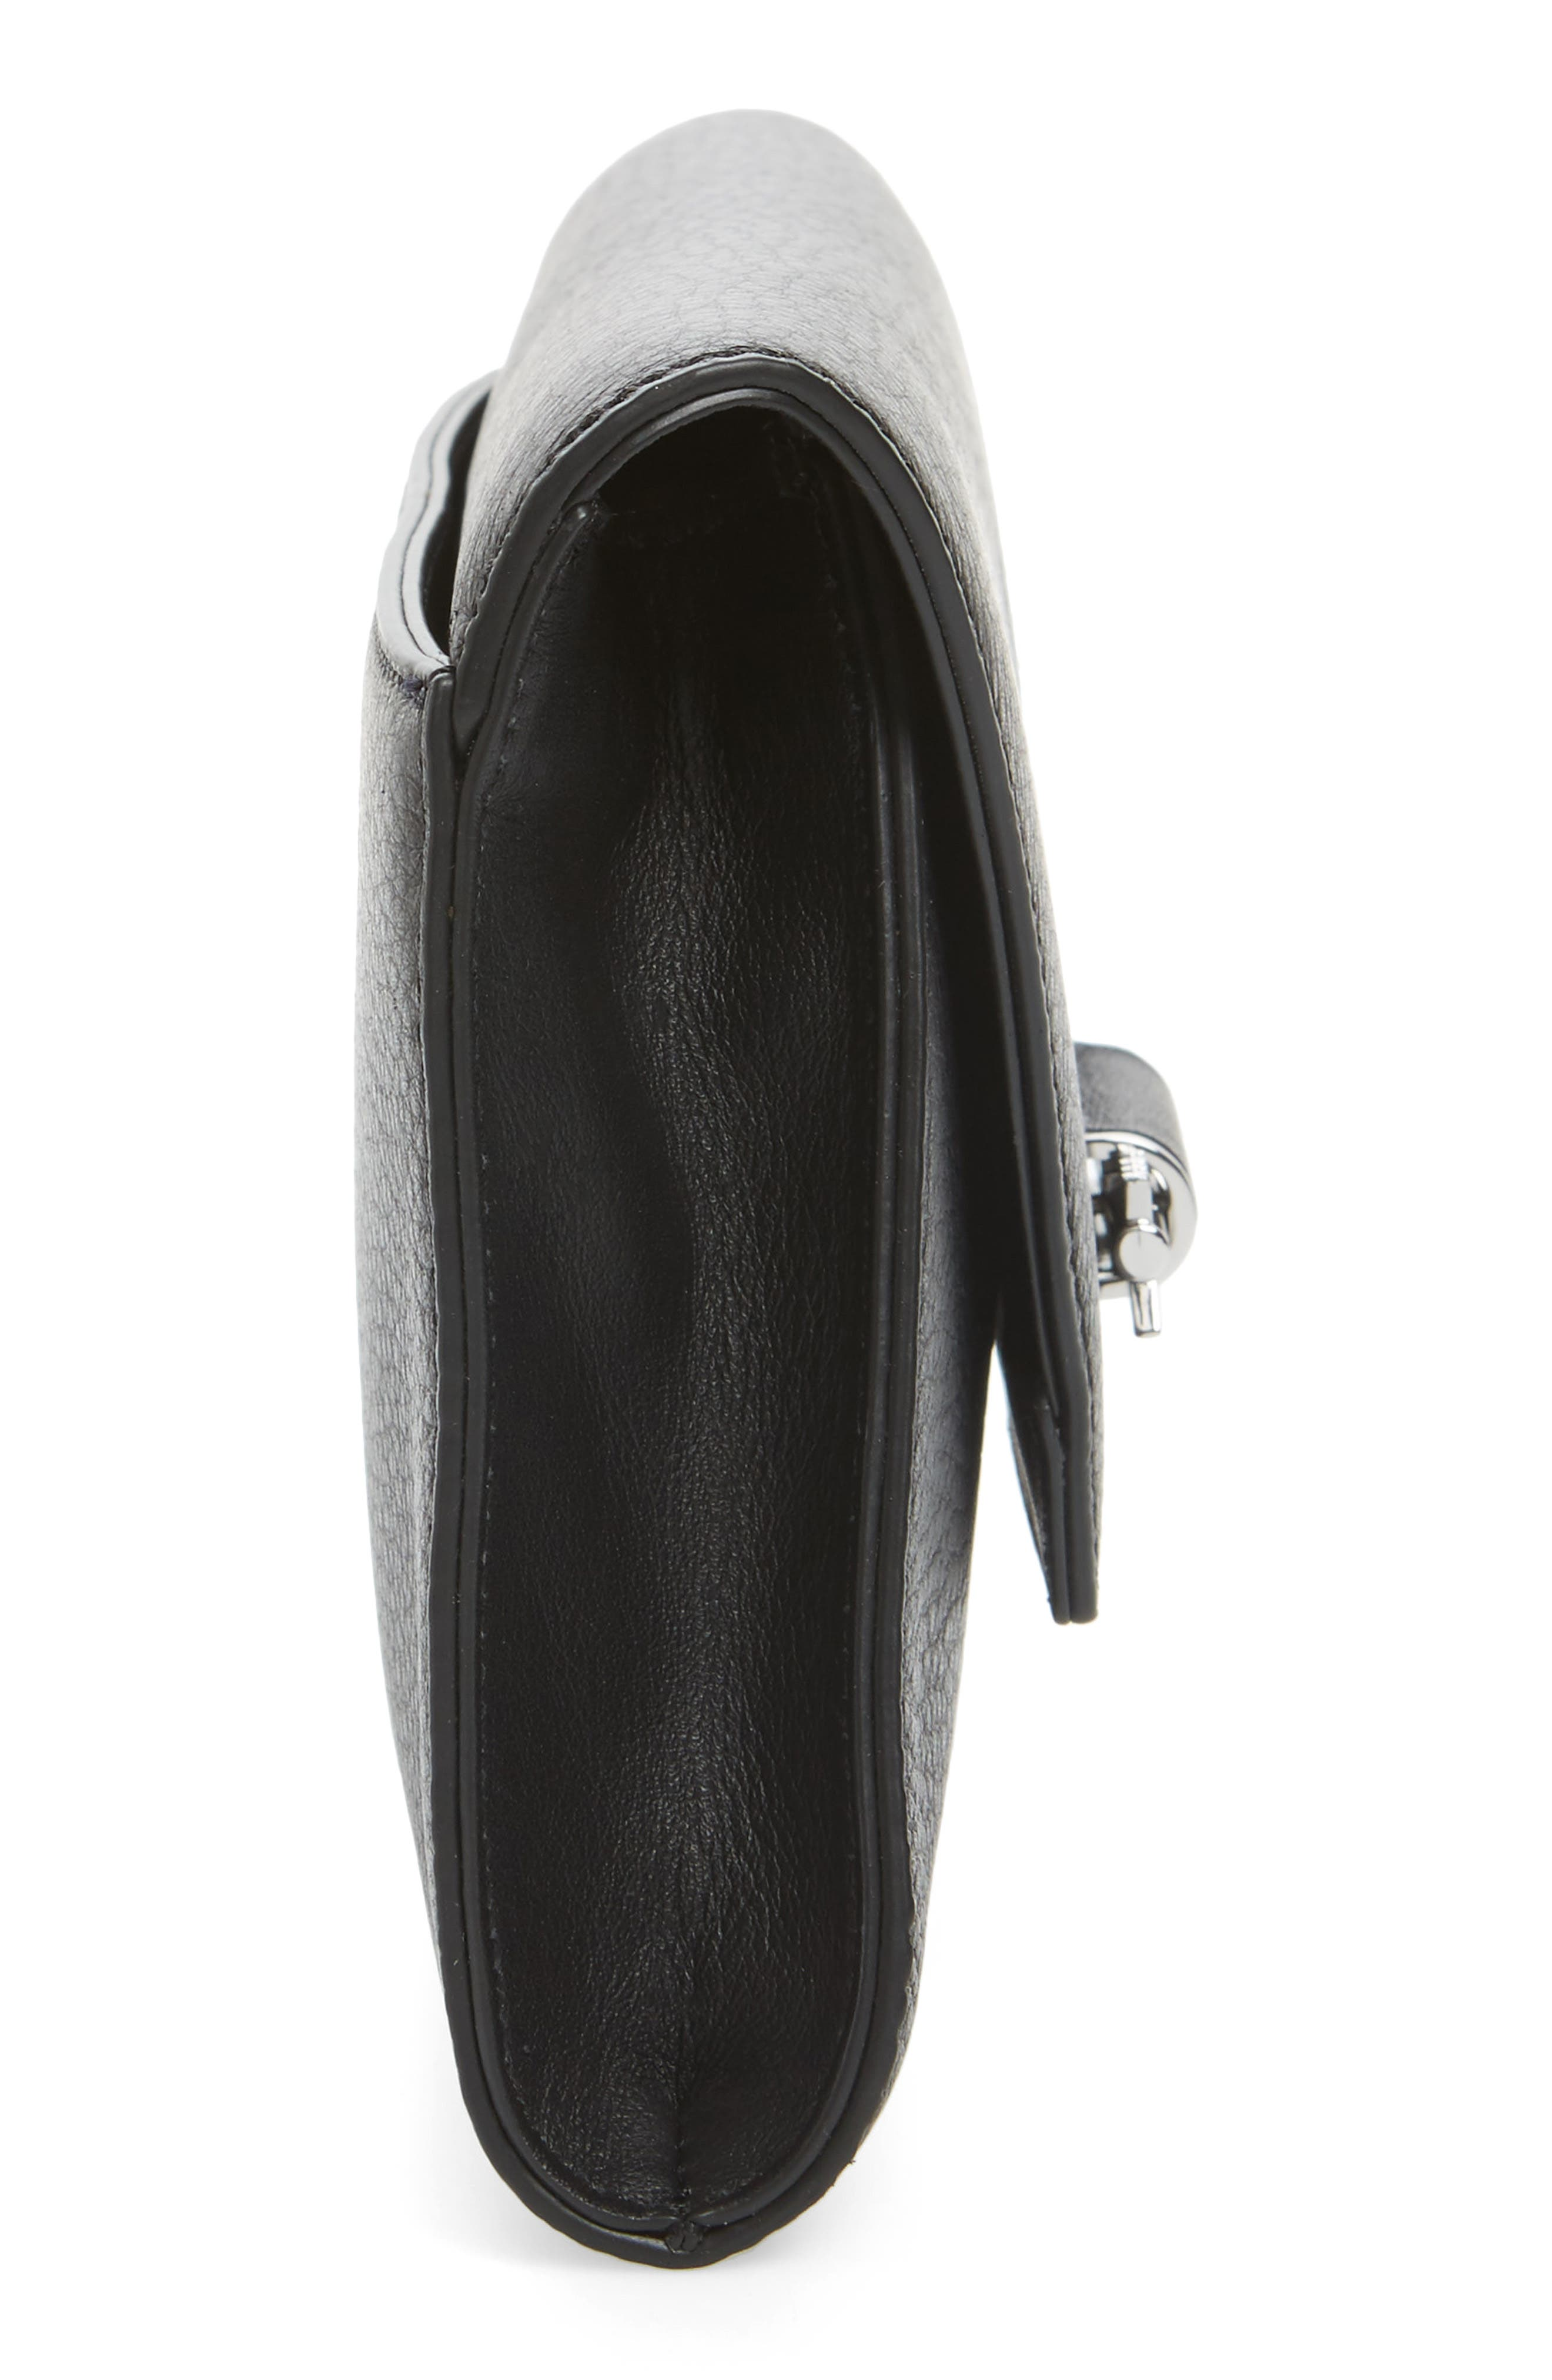 Flex Leather Envelope Clutch,                             Alternate thumbnail 5, color,                             Black